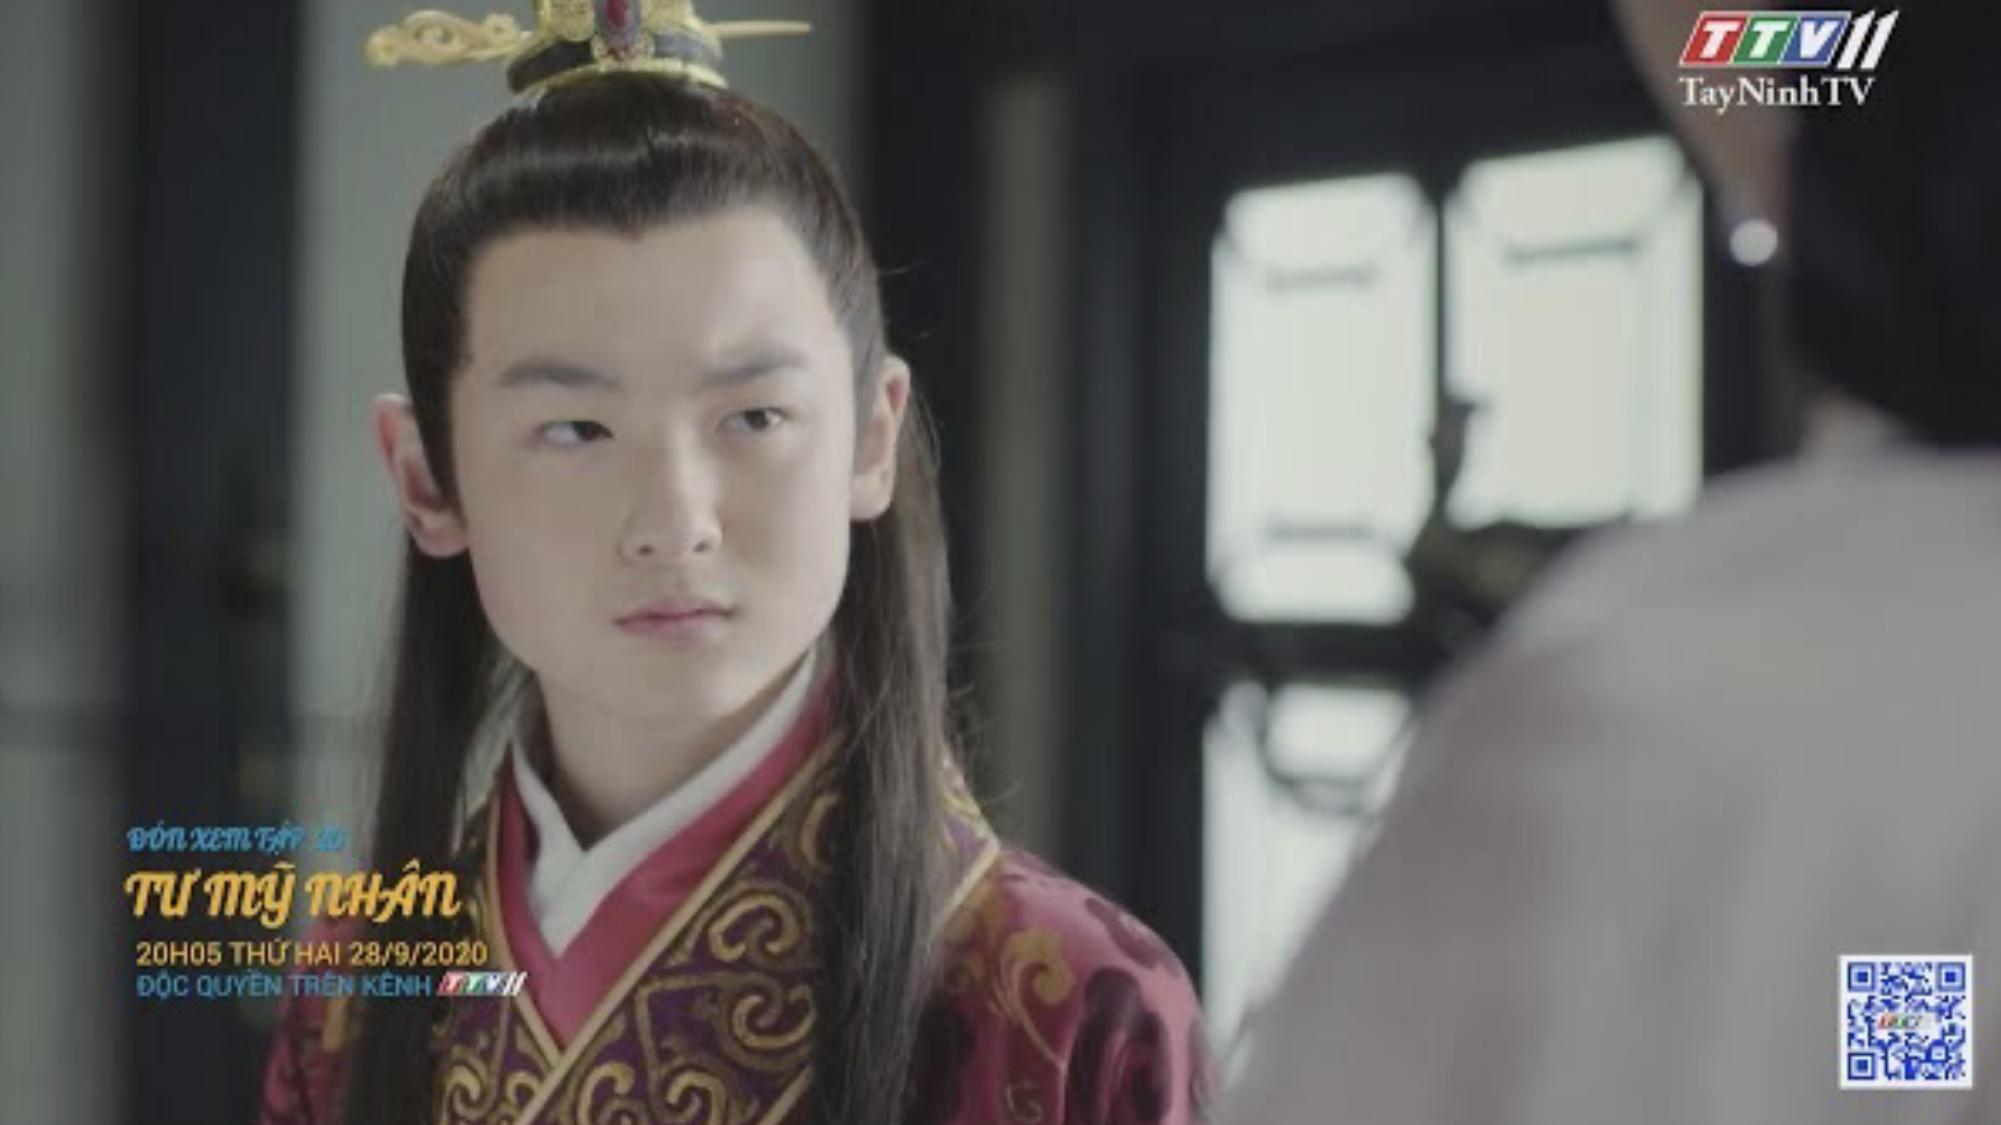 Tư mỹ nhân-TẬP 26 trailer | PHIM TƯ MỸ NHÂN | TayNinhTV